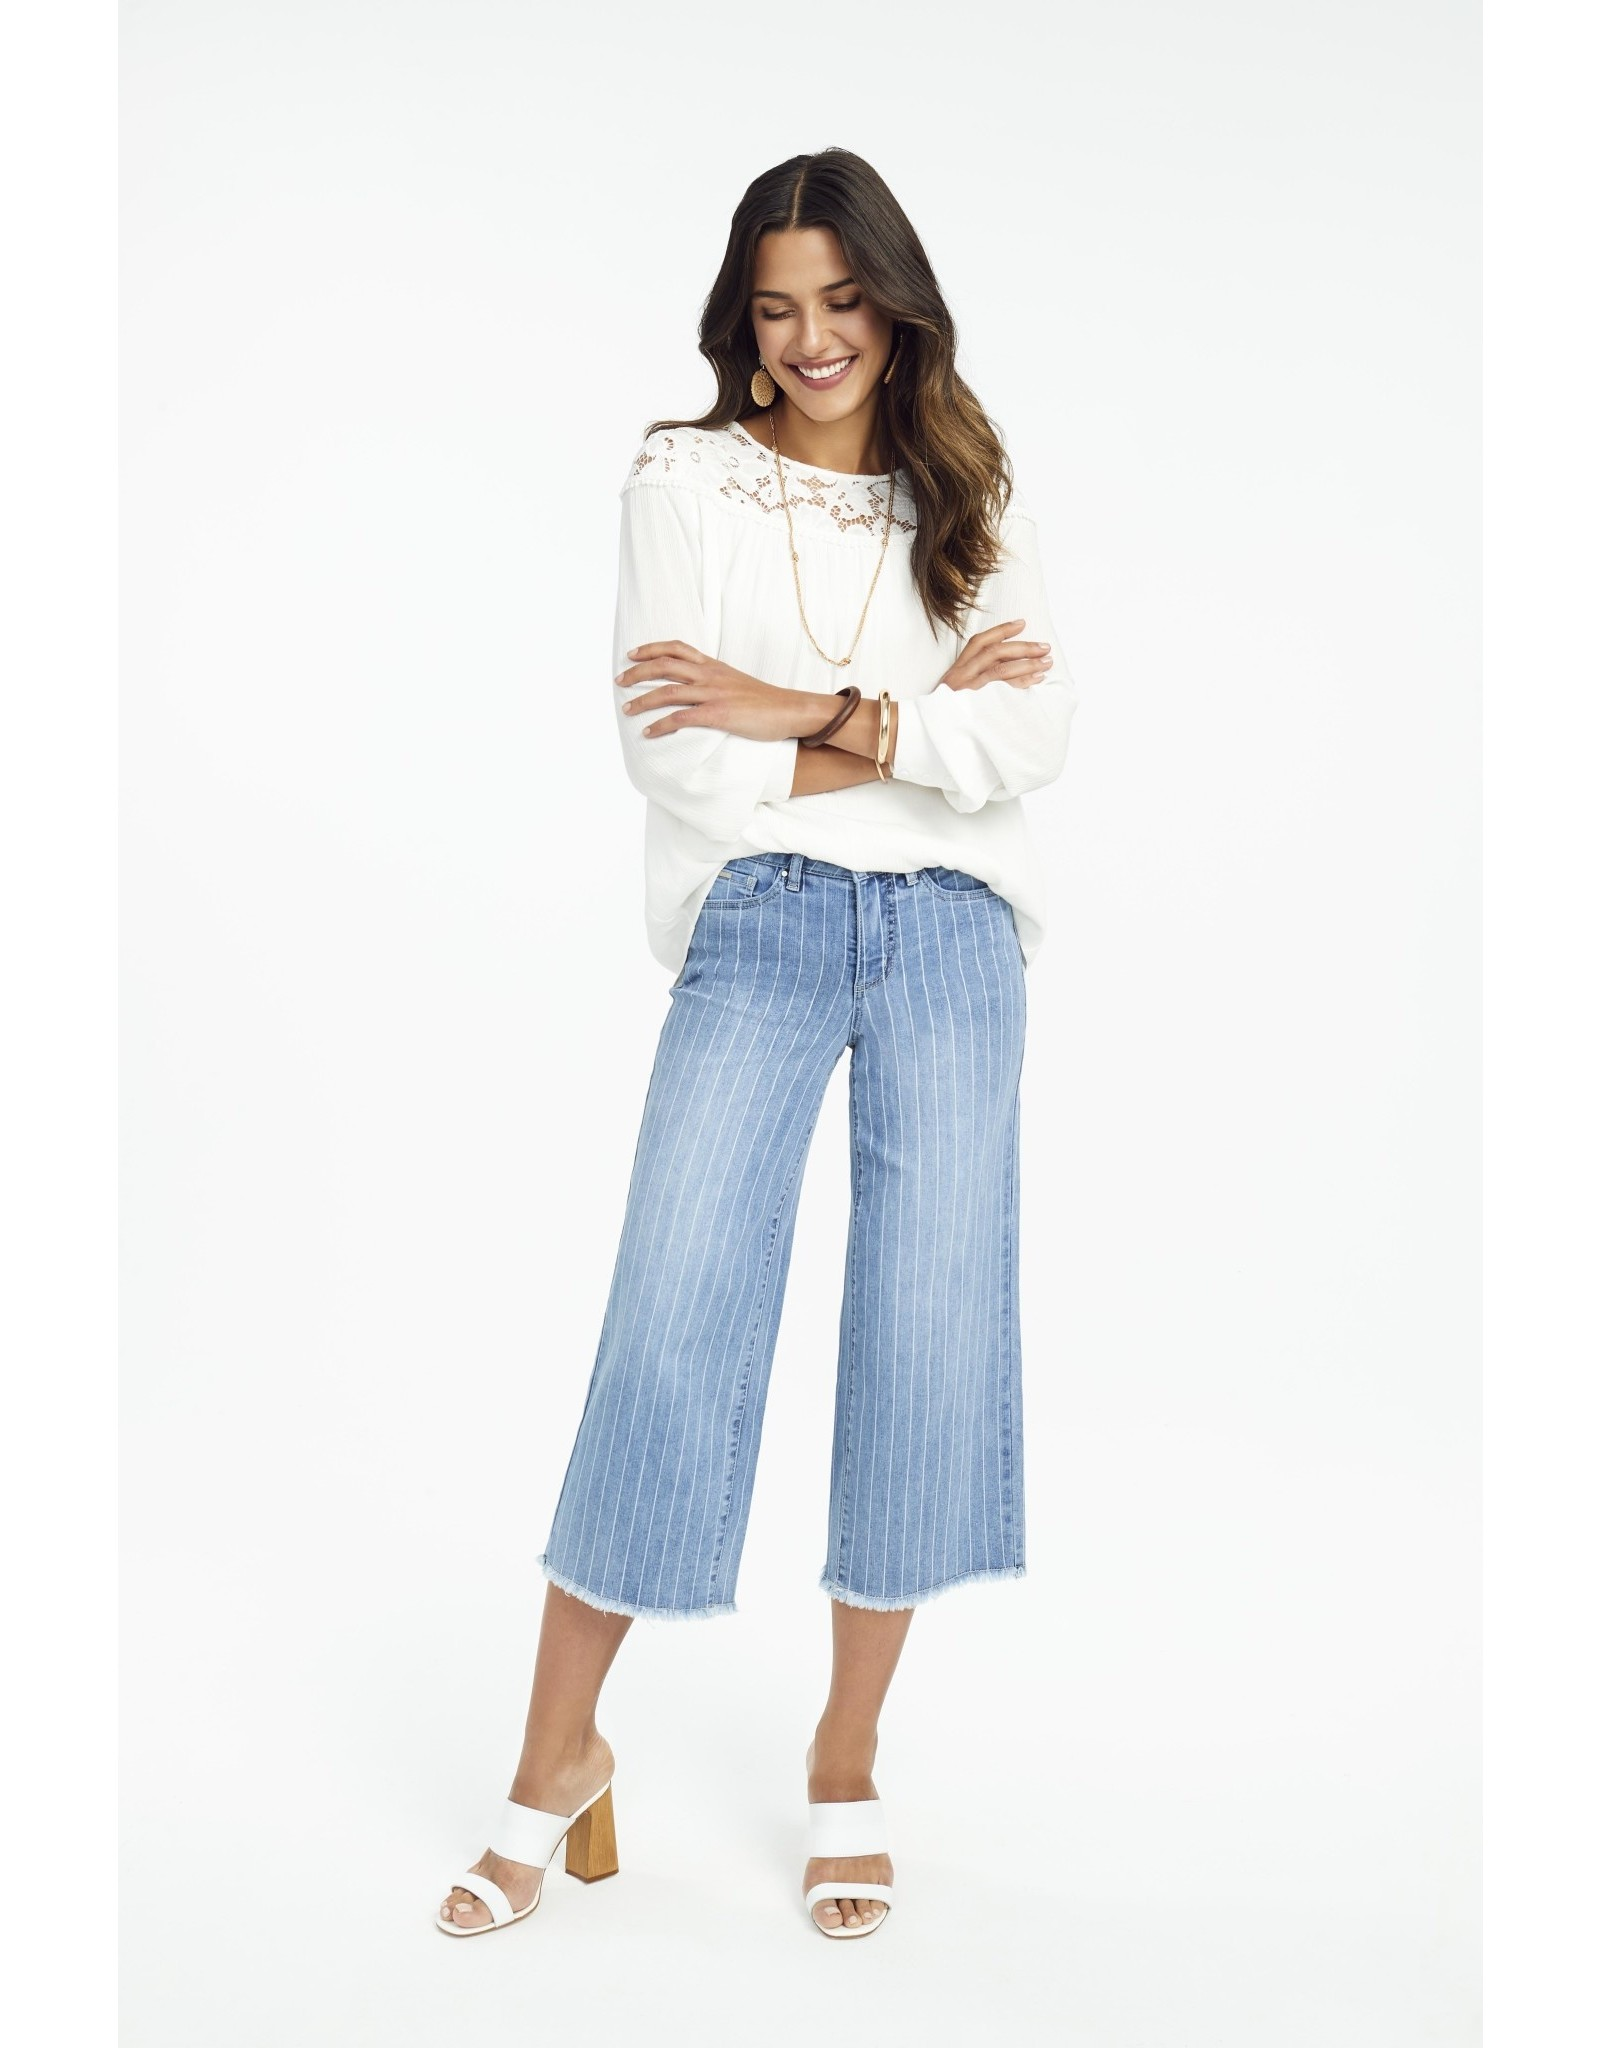 French Dressing Jeans French Dressing Jeans Solid Romantic Lace Trim Blouse